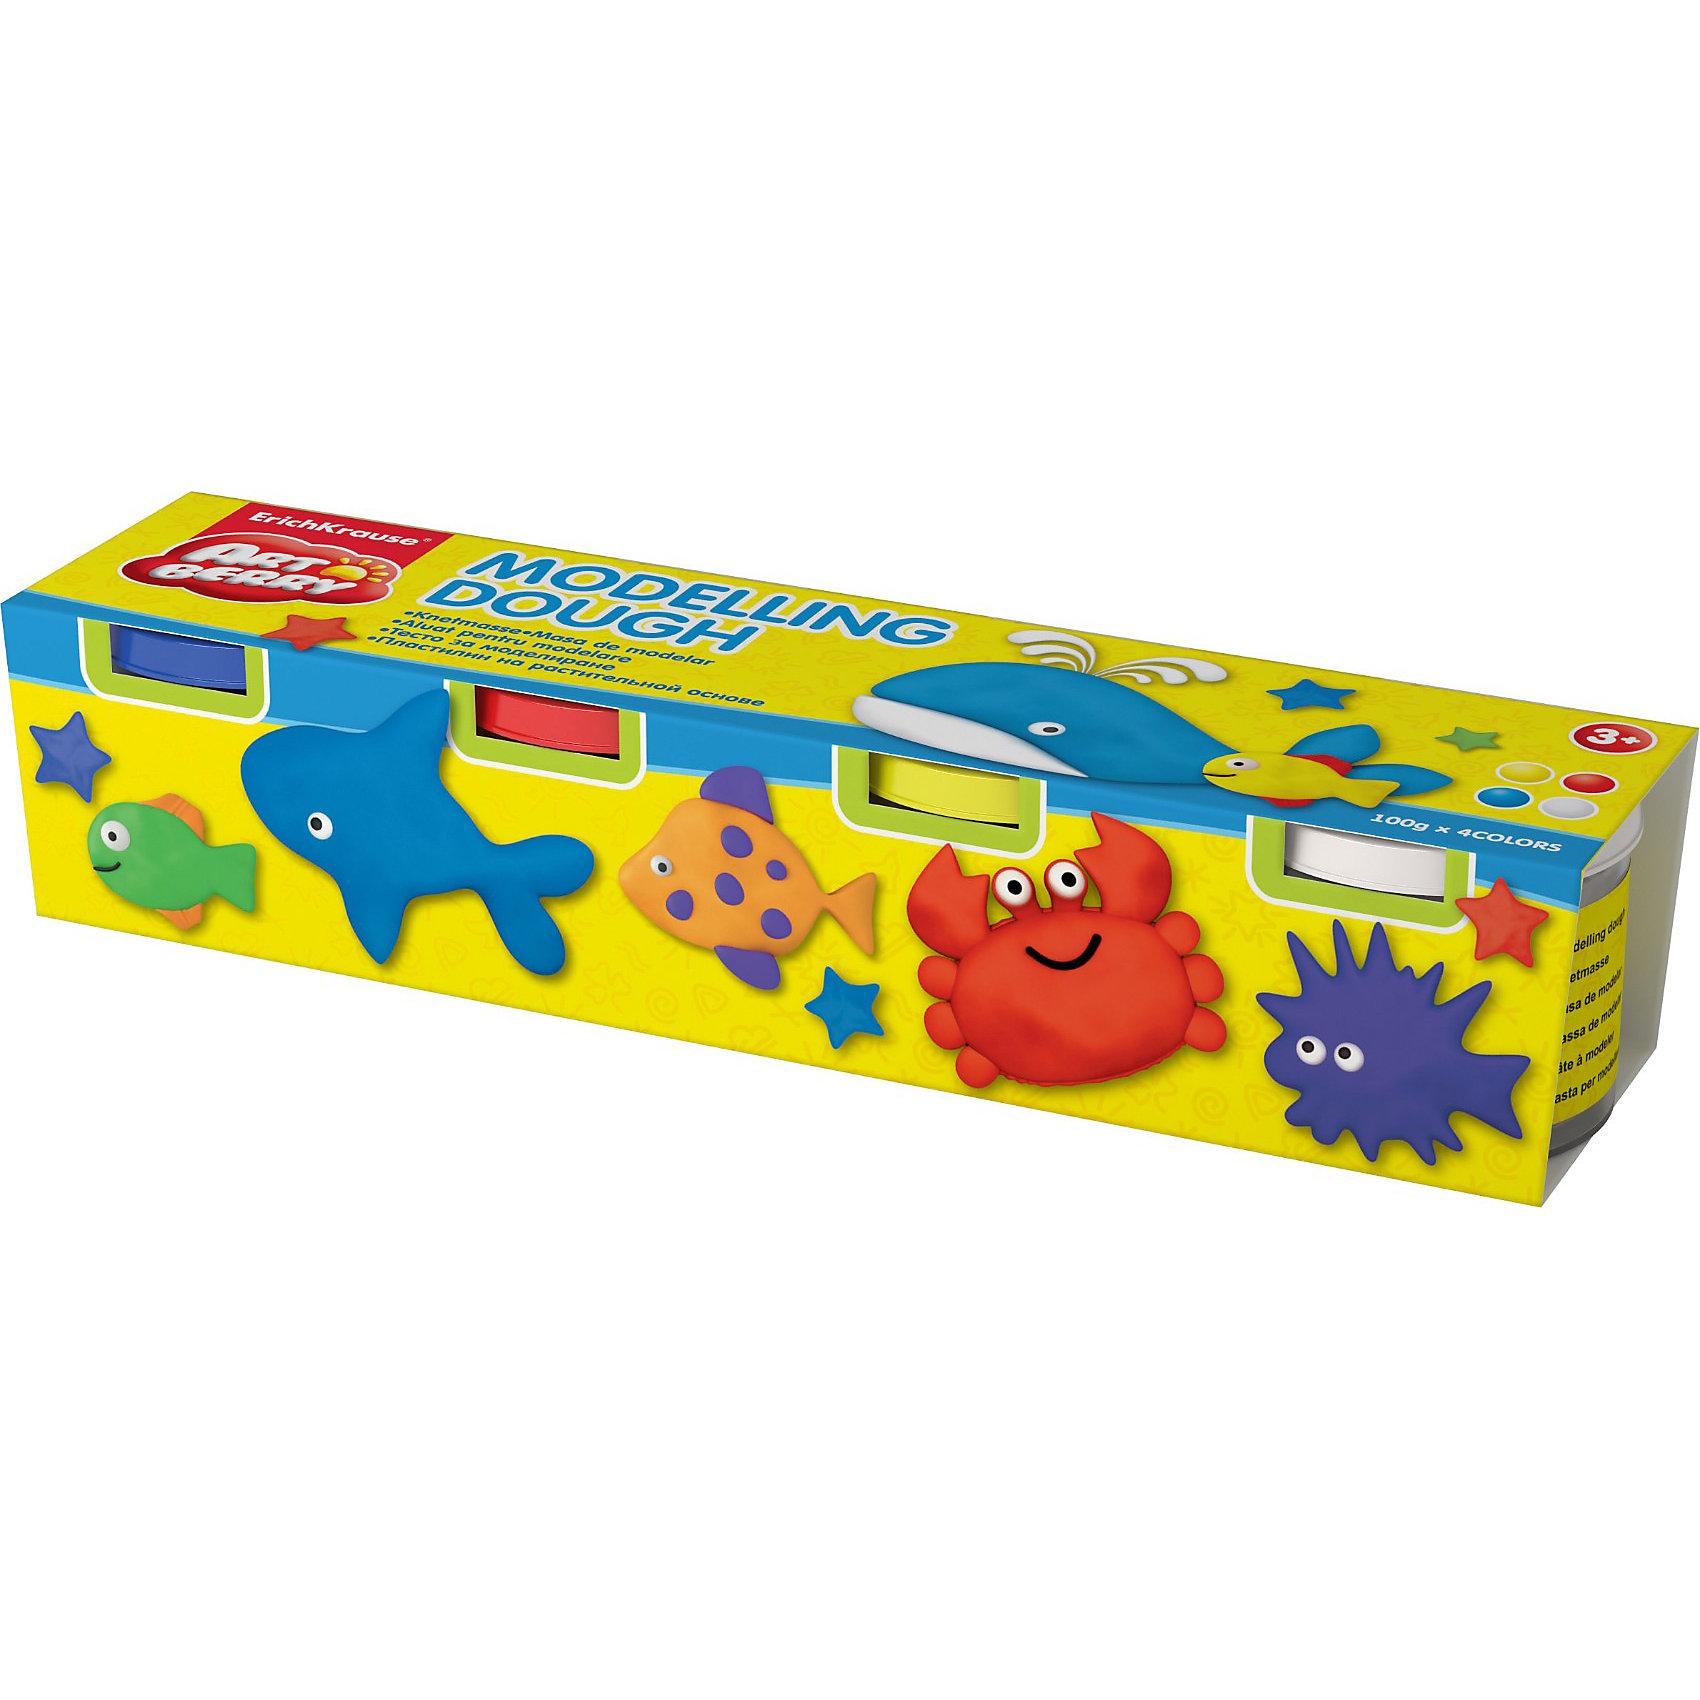 Пластилин на растительной основе Modelling Dough ArtberryЛепка<br>Пластилин на растительной основе Modelling Dough от Erich Krause (Эрих Краузе) абсолютно безопасен для Вашего малыша!<br><br>Дополнительная информация:<br><br>Состав: 4 цветов по 100 гр., <br>упаковка- картонный рукав<br><br>Ширина мм: 200<br>Глубина мм: 40<br>Высота мм: 40<br>Вес г: 503<br>Возраст от месяцев: 36<br>Возраст до месяцев: 144<br>Пол: Унисекс<br>Возраст: Детский<br>SKU: 3293897